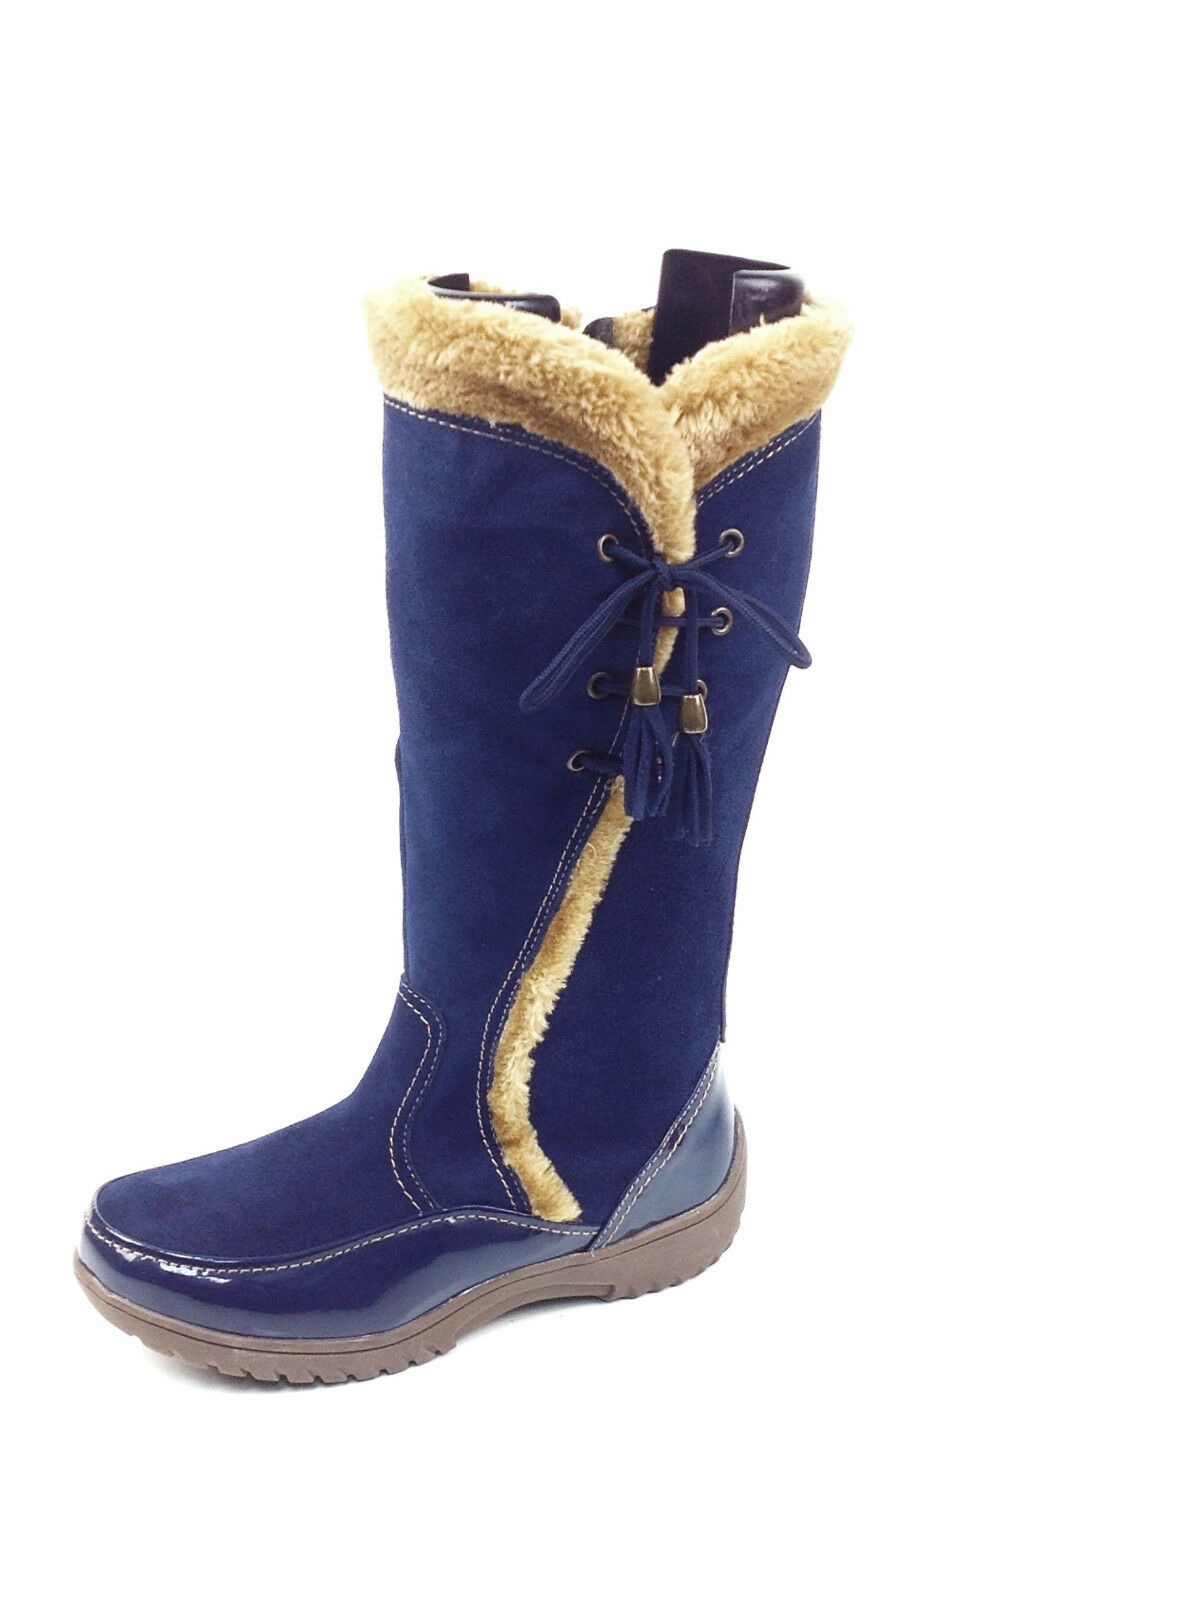 Sporto® Waterproof Suede Tall Boot Side Winder Tassel Lace Up Navy Größe 11 M